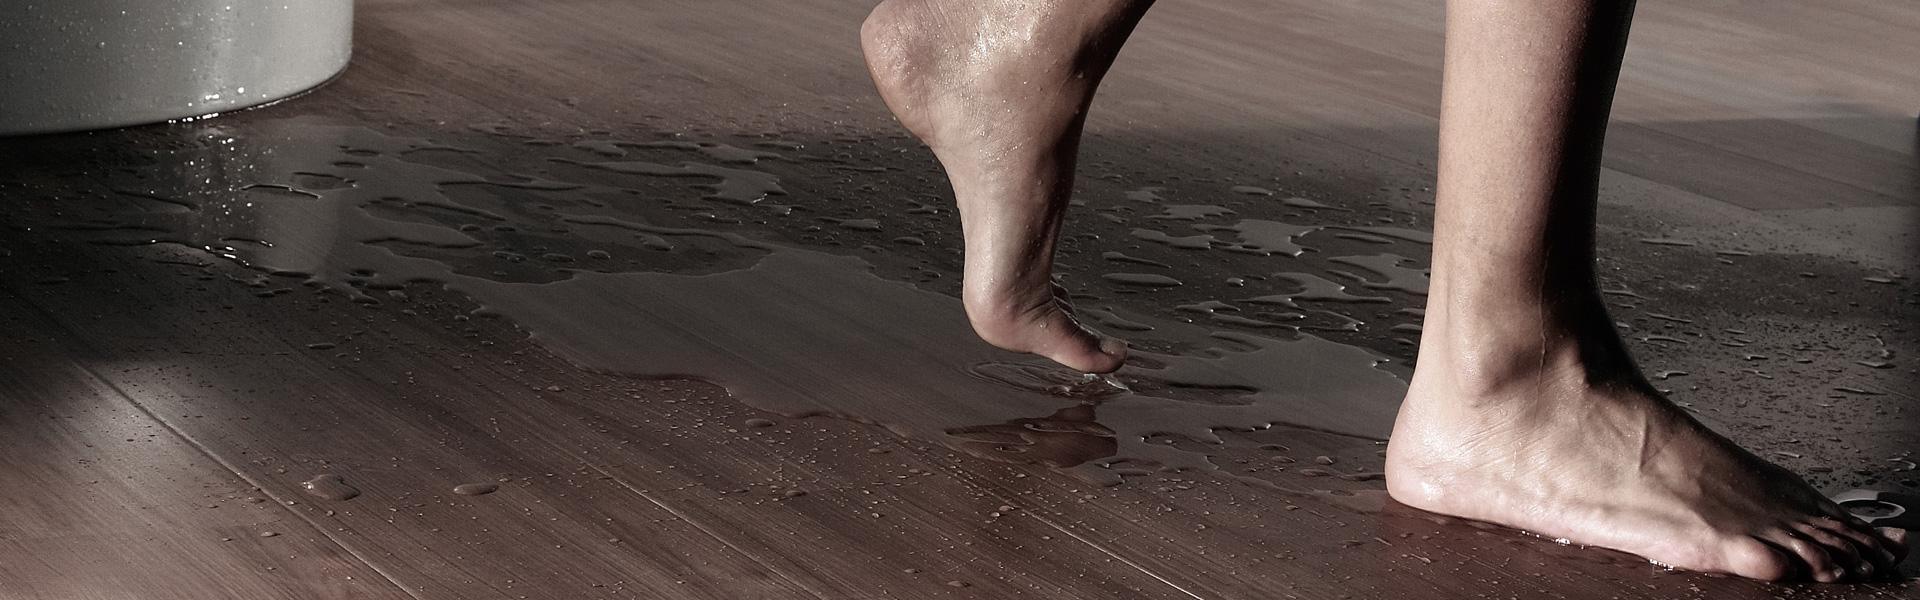 Aqua step laminate